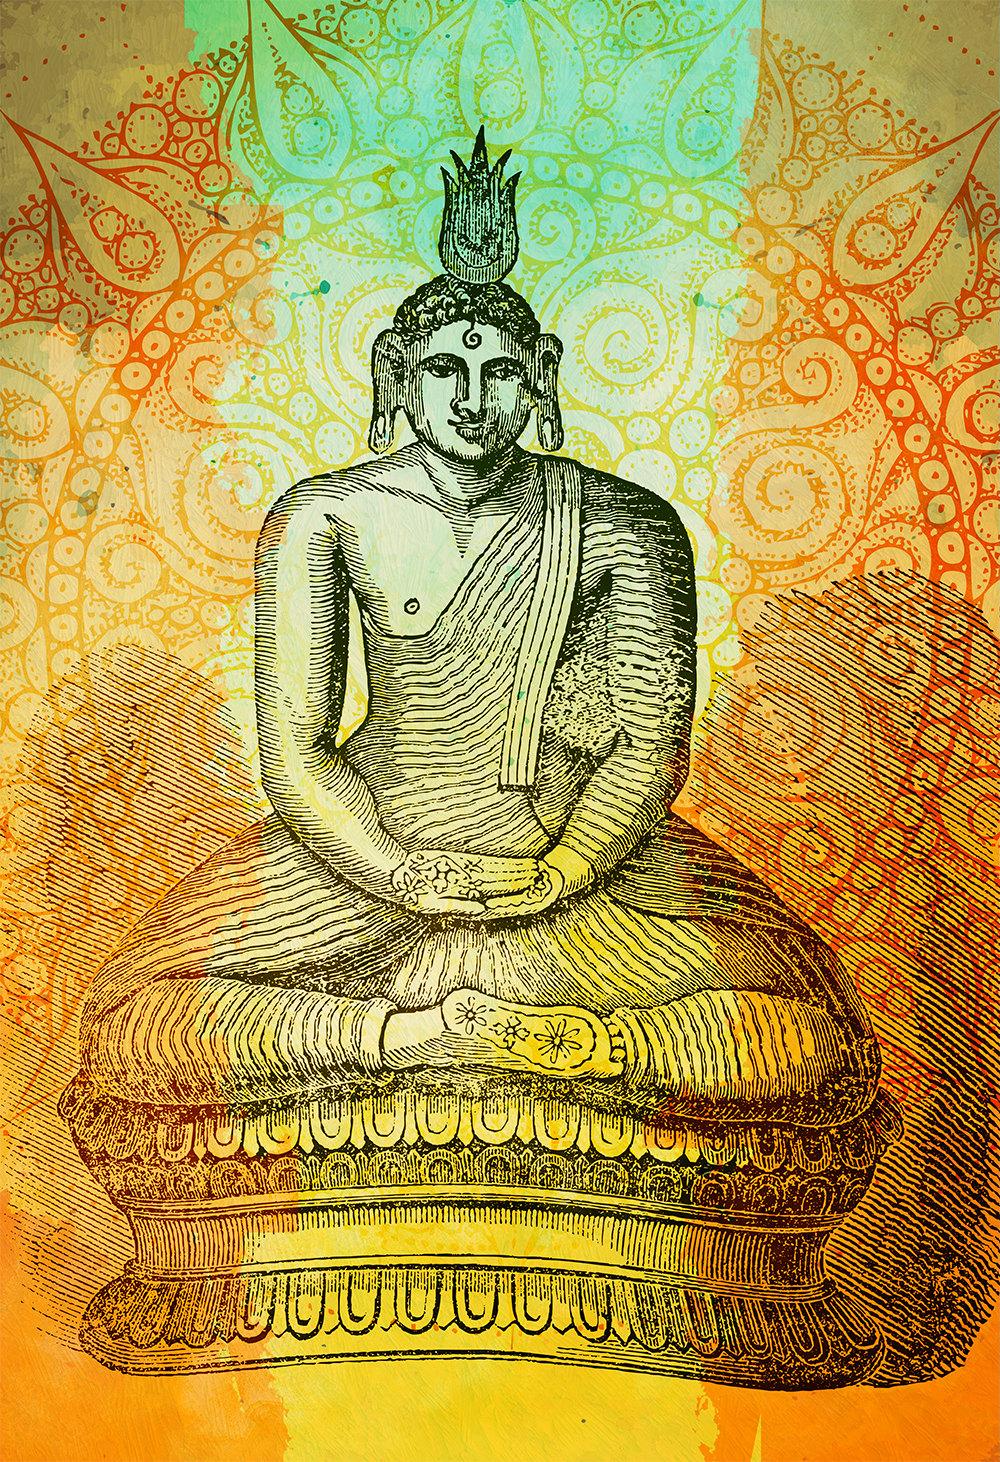 Hindu Gautama or Buddha Print Vintage Hindu Decor Wall Art – Giclee ...